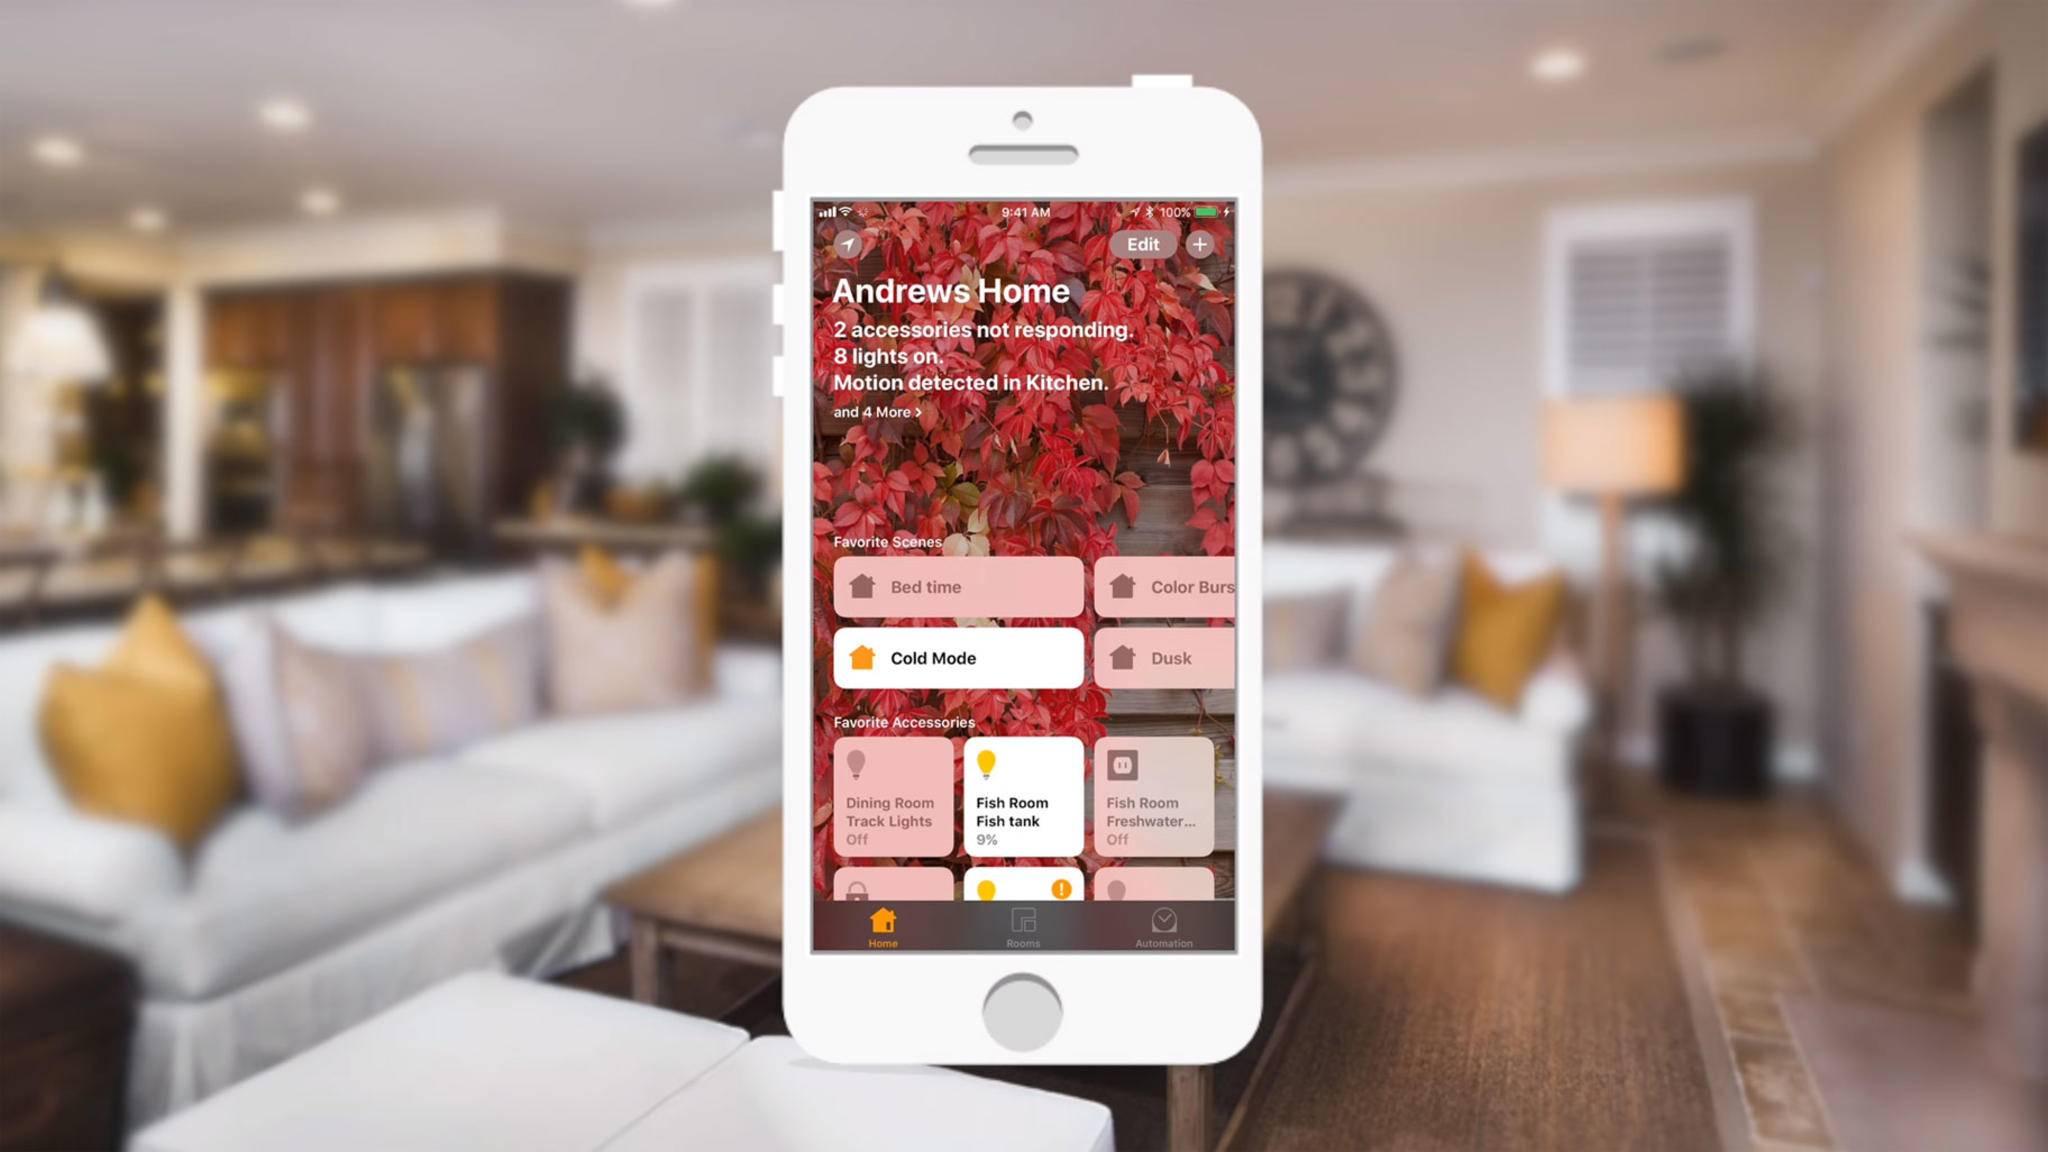 Durch eine Sicherheitslücke in iOS 11.2 konnten Angreifer auf in HomeKit integrierte Geräte zugreifen.